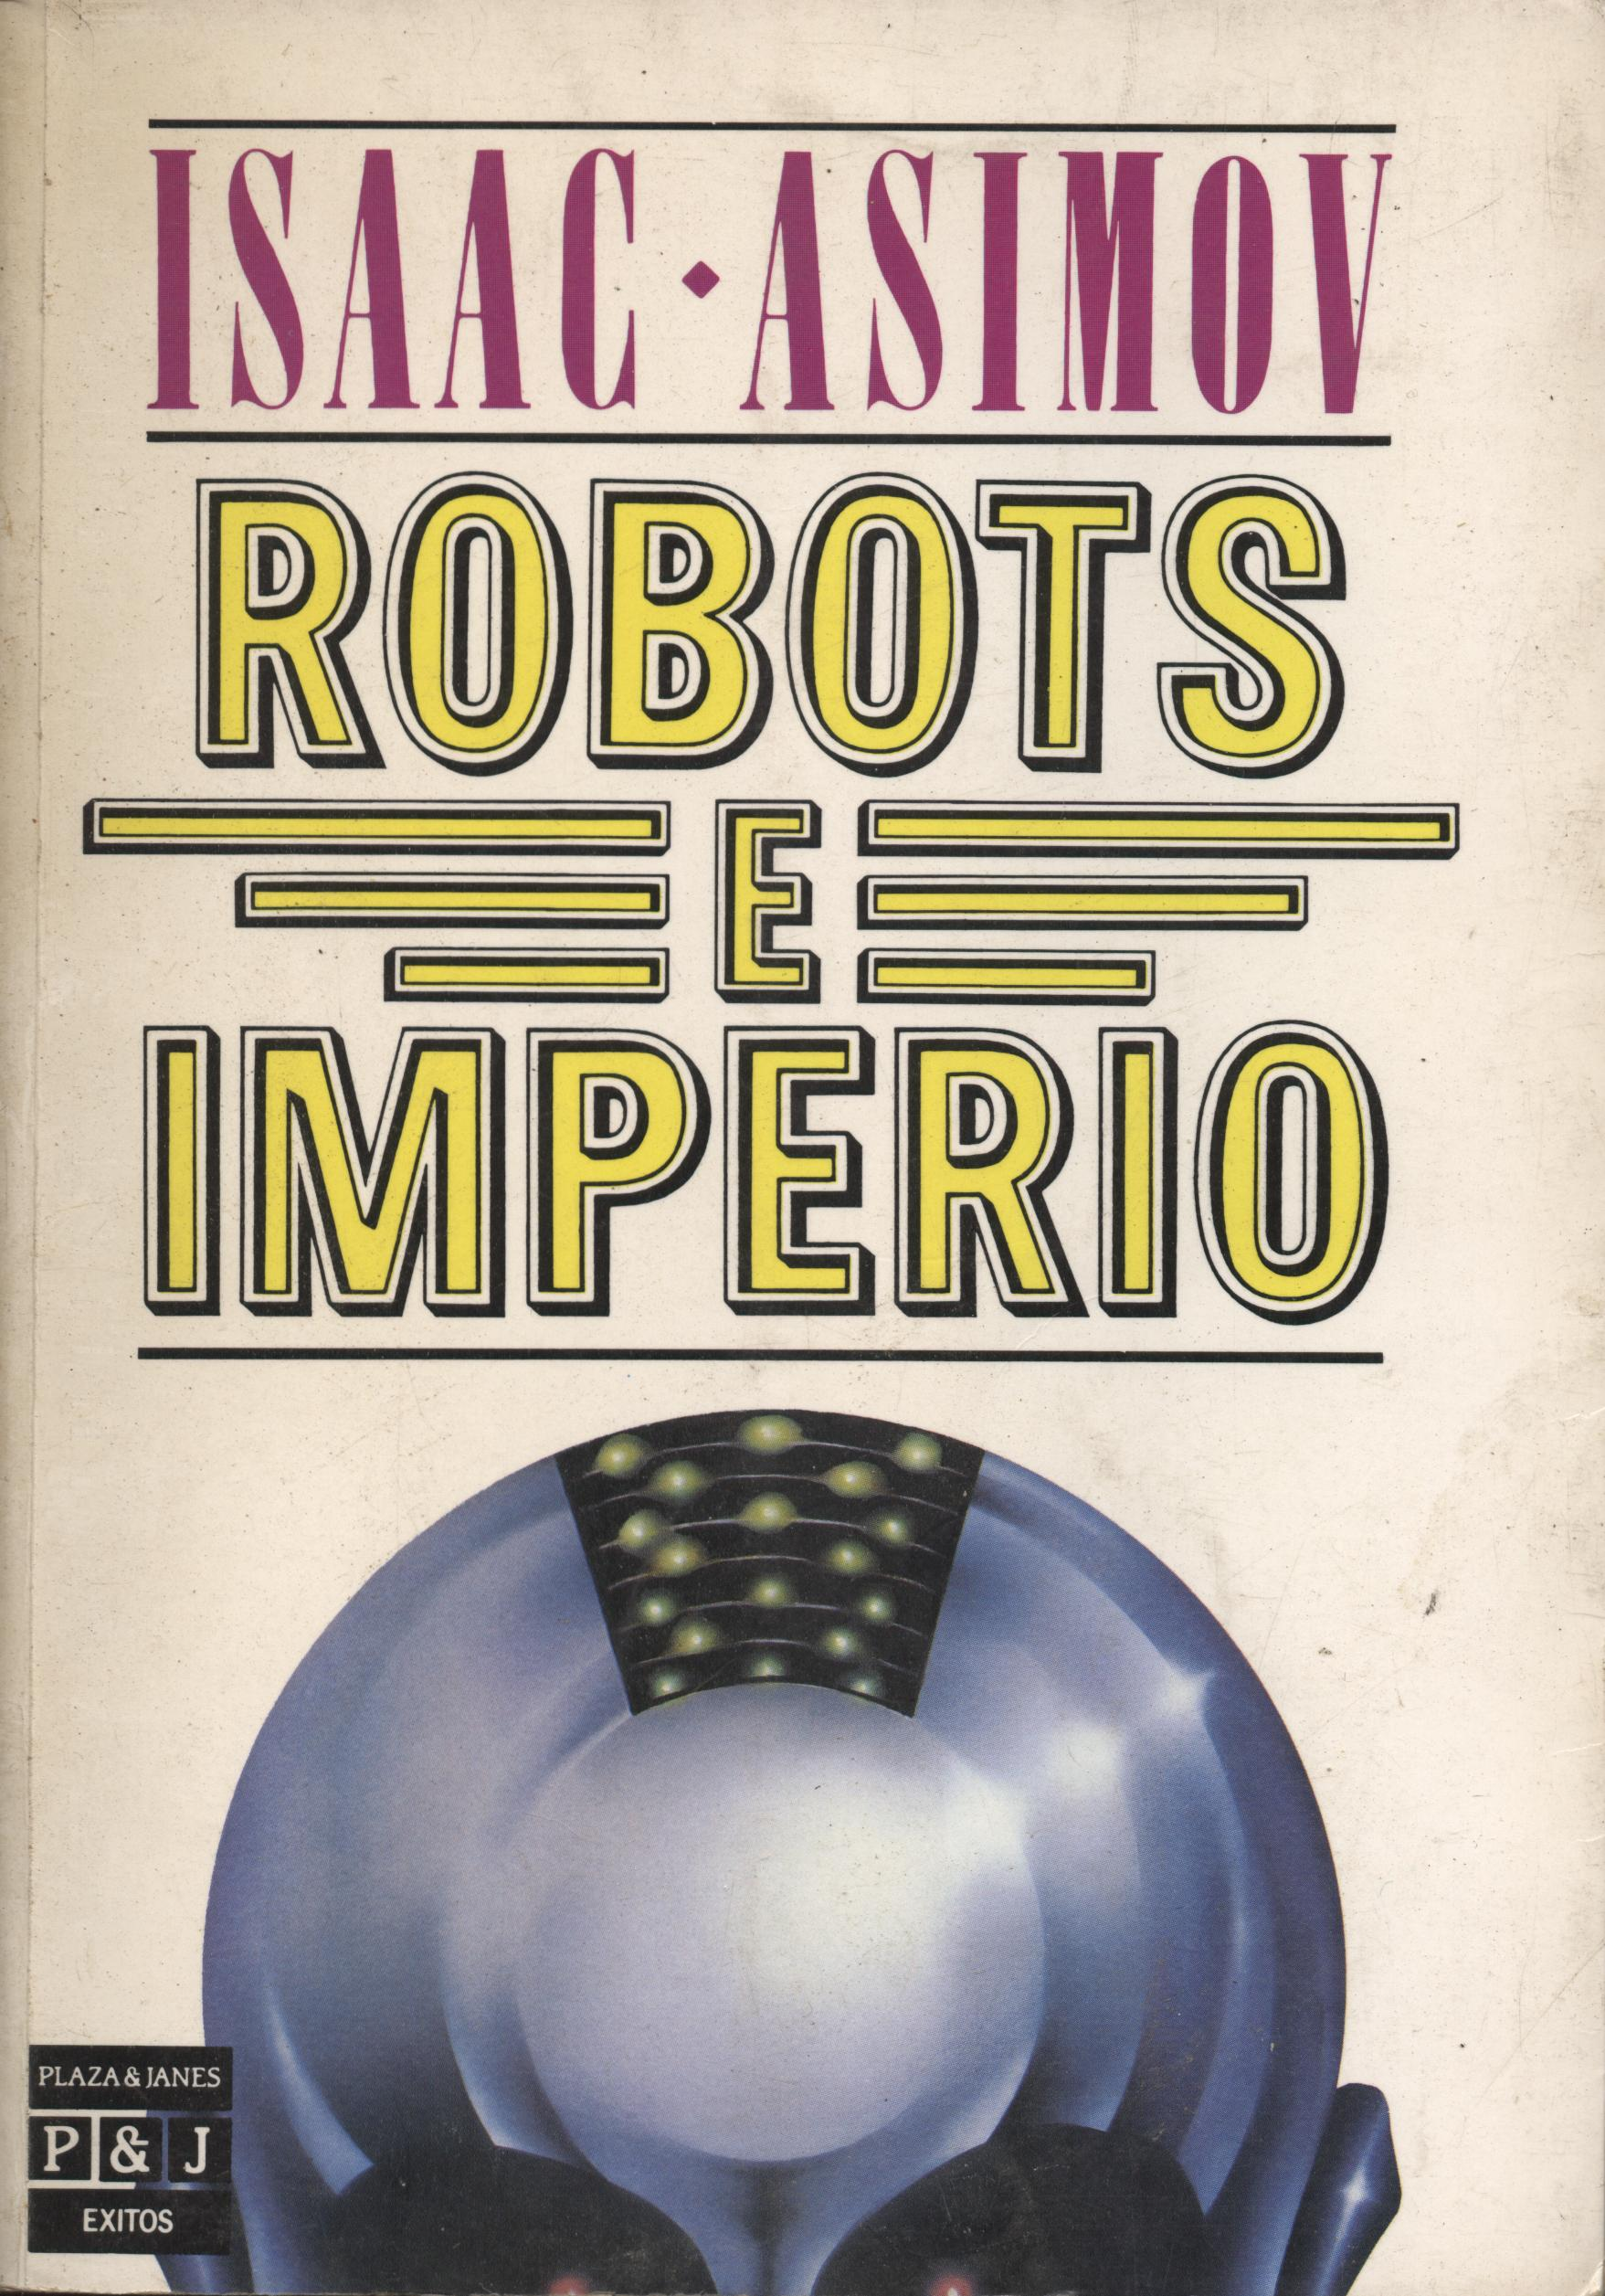 Venta online de libros de ocasión como Robots e imperio - Isaac Asimov en bratac.cat